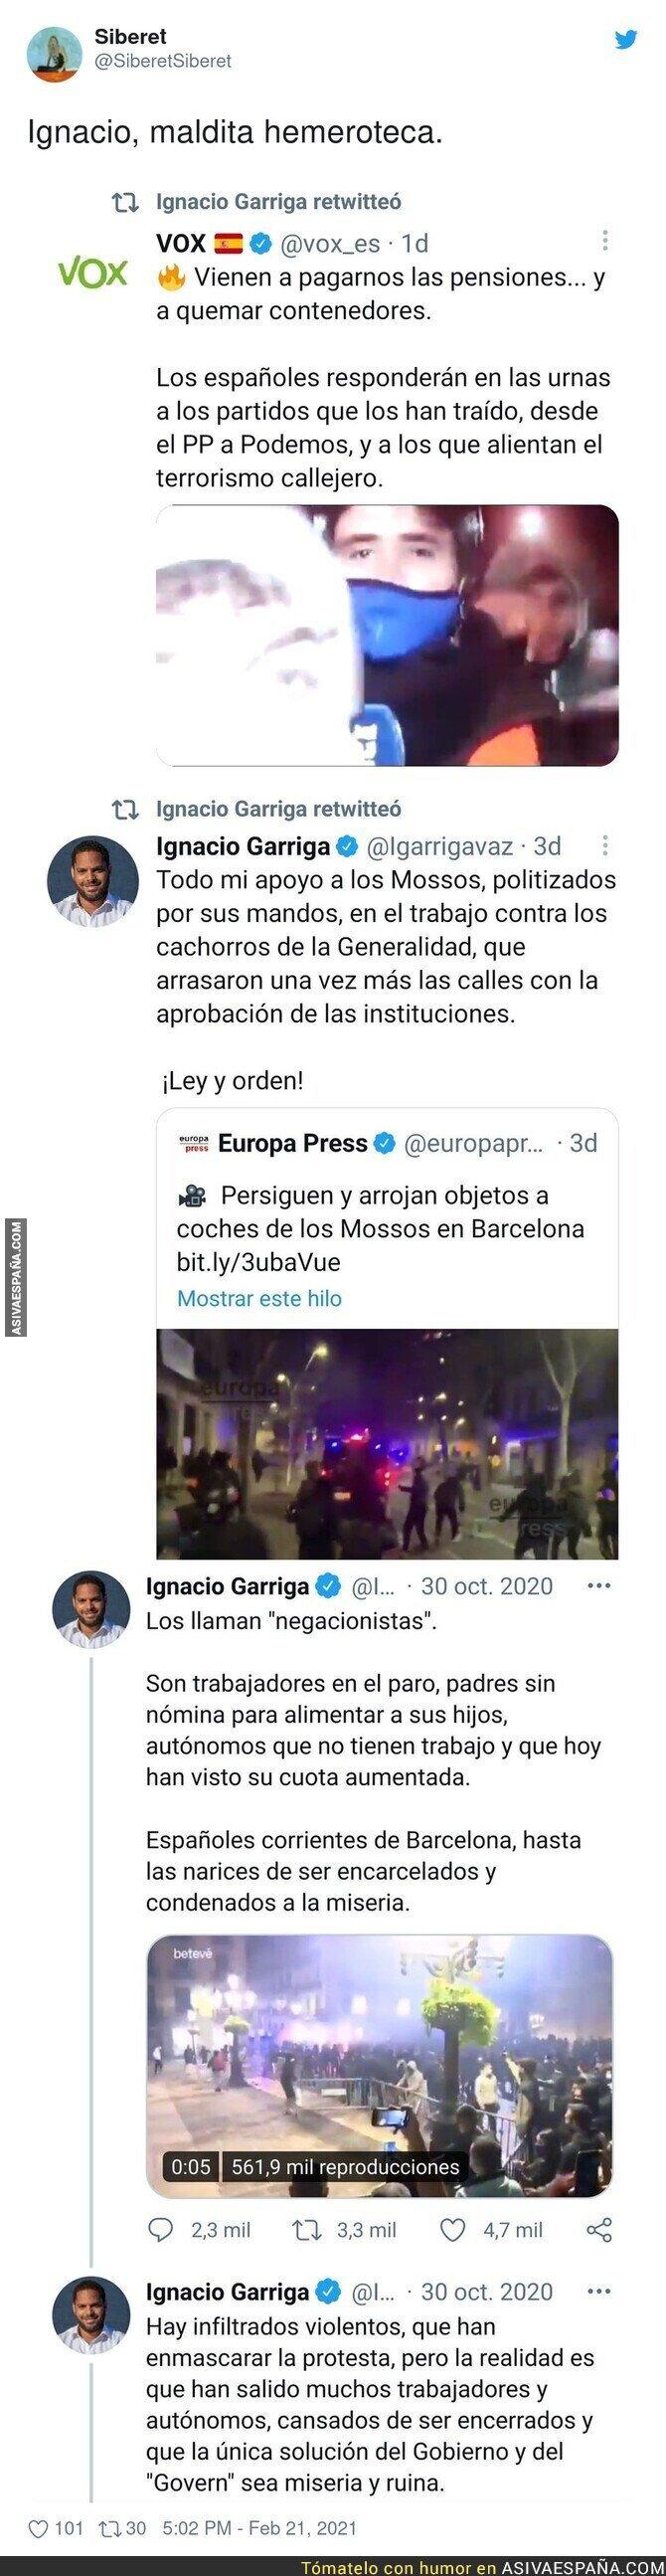 615100 - El doble rasero increíble de Ignacio Garriga en diferentes protestas